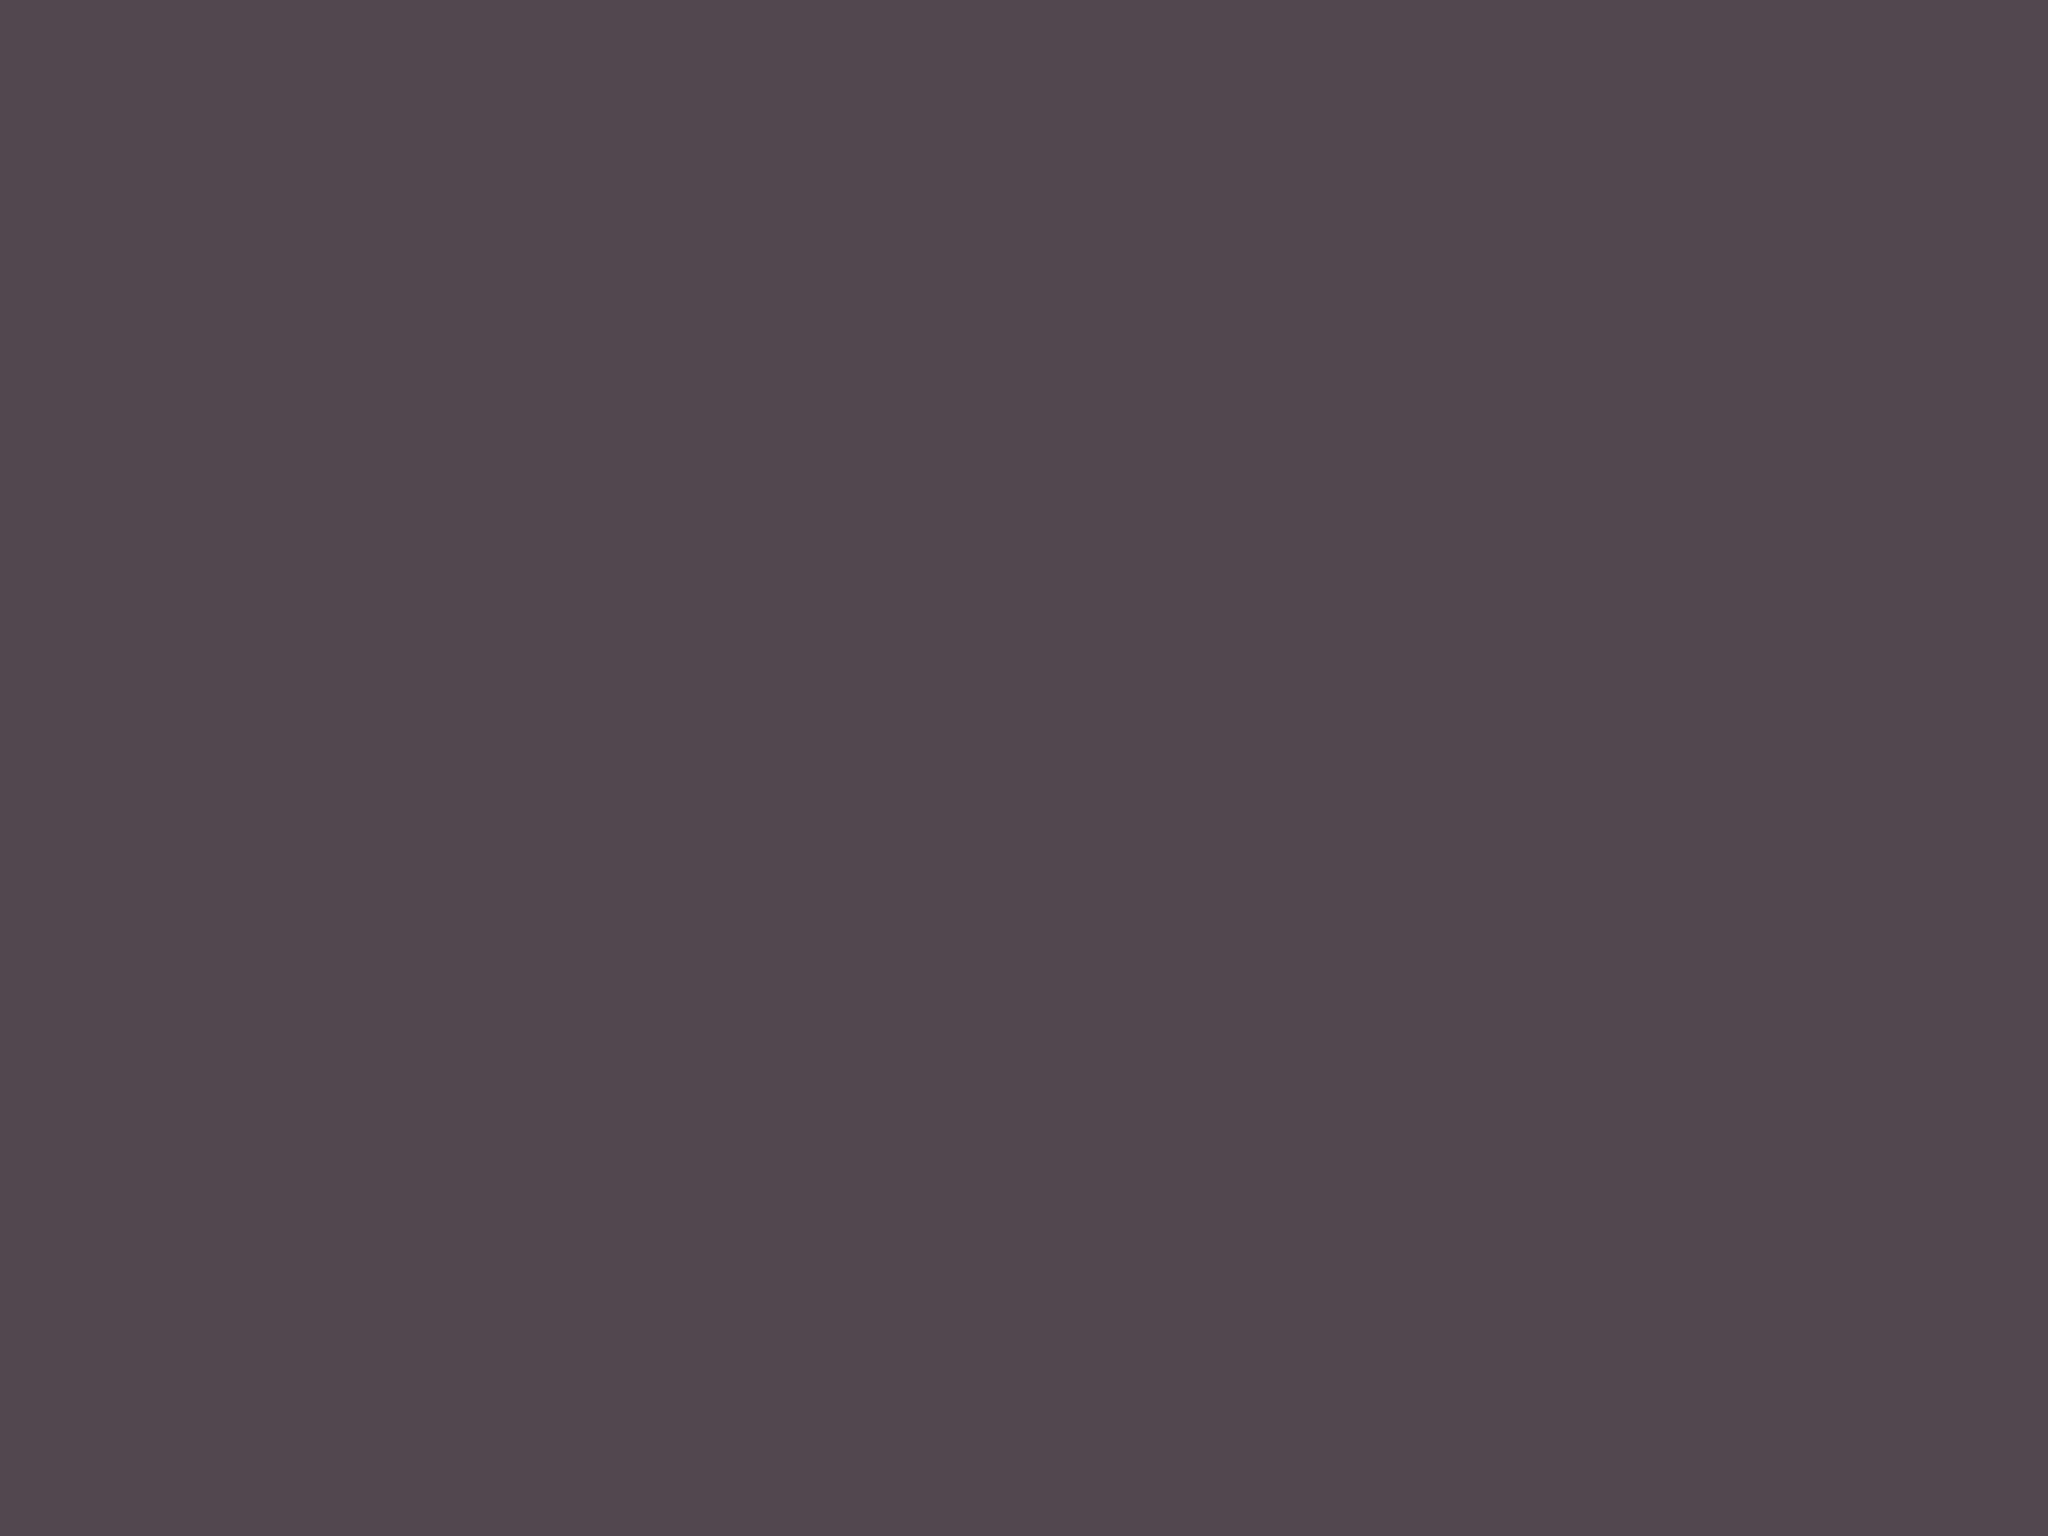 2048x1536 Quartz Solid Color Background